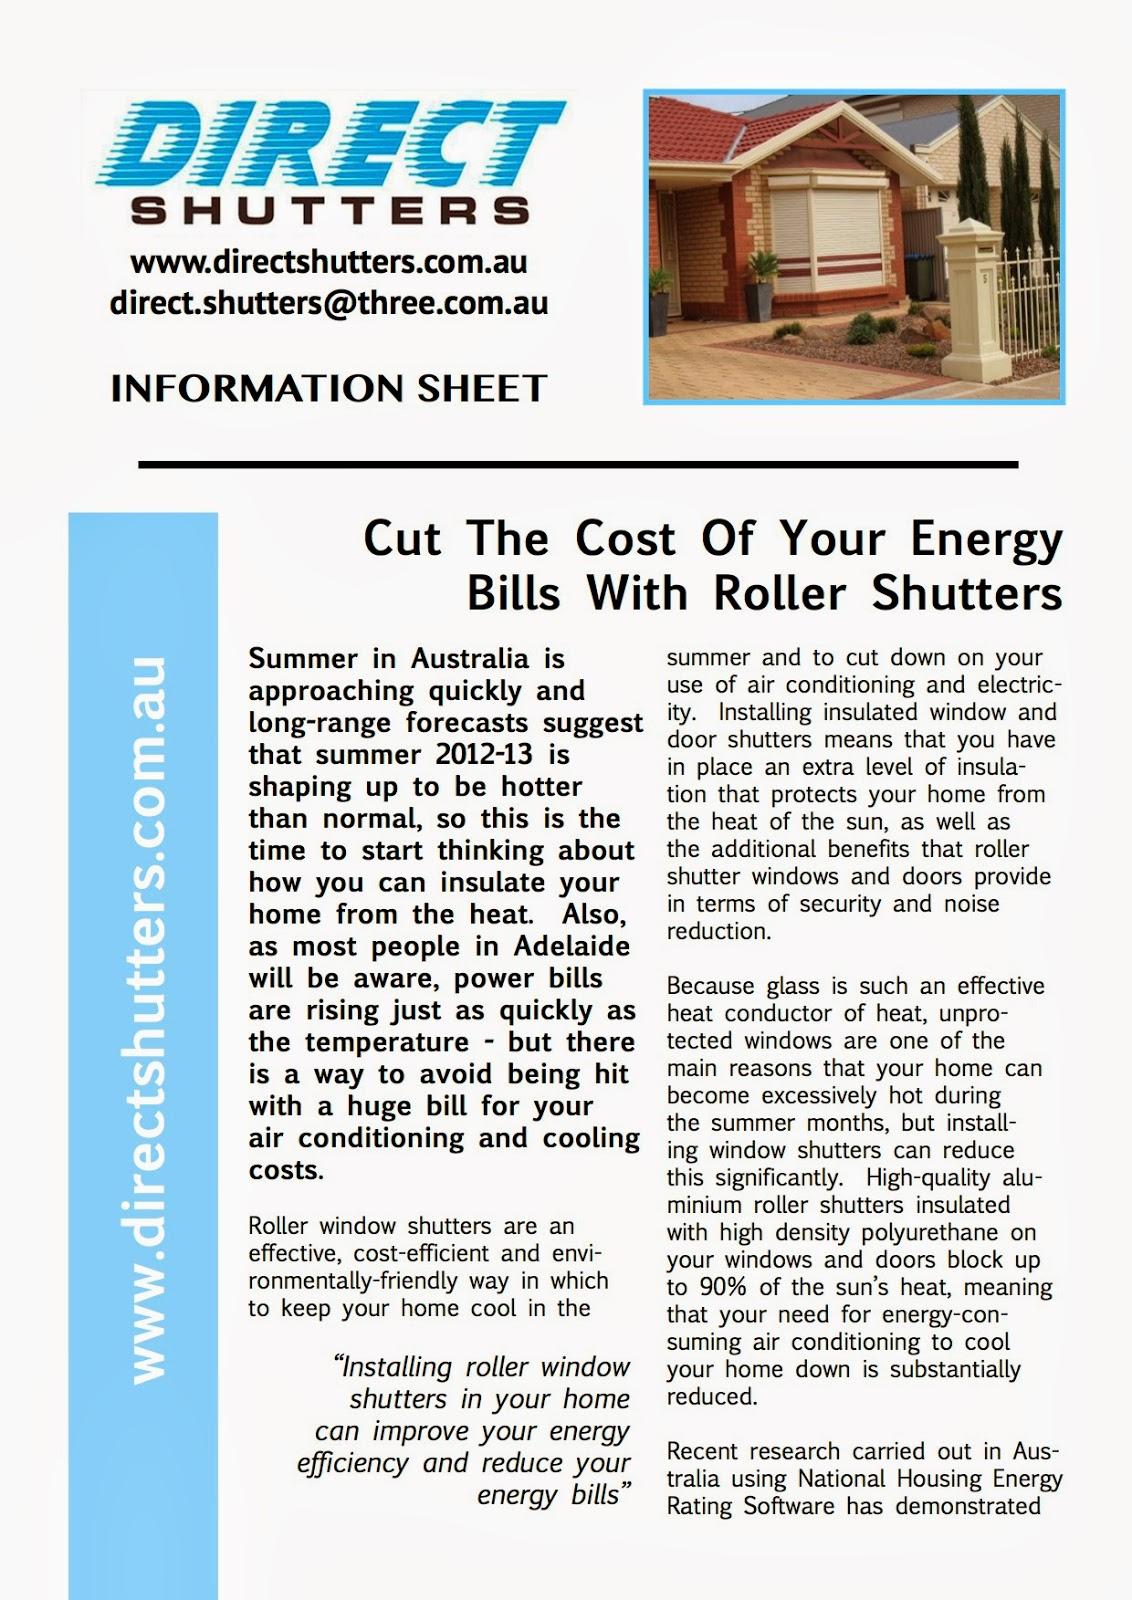 Adelaide roller shutters